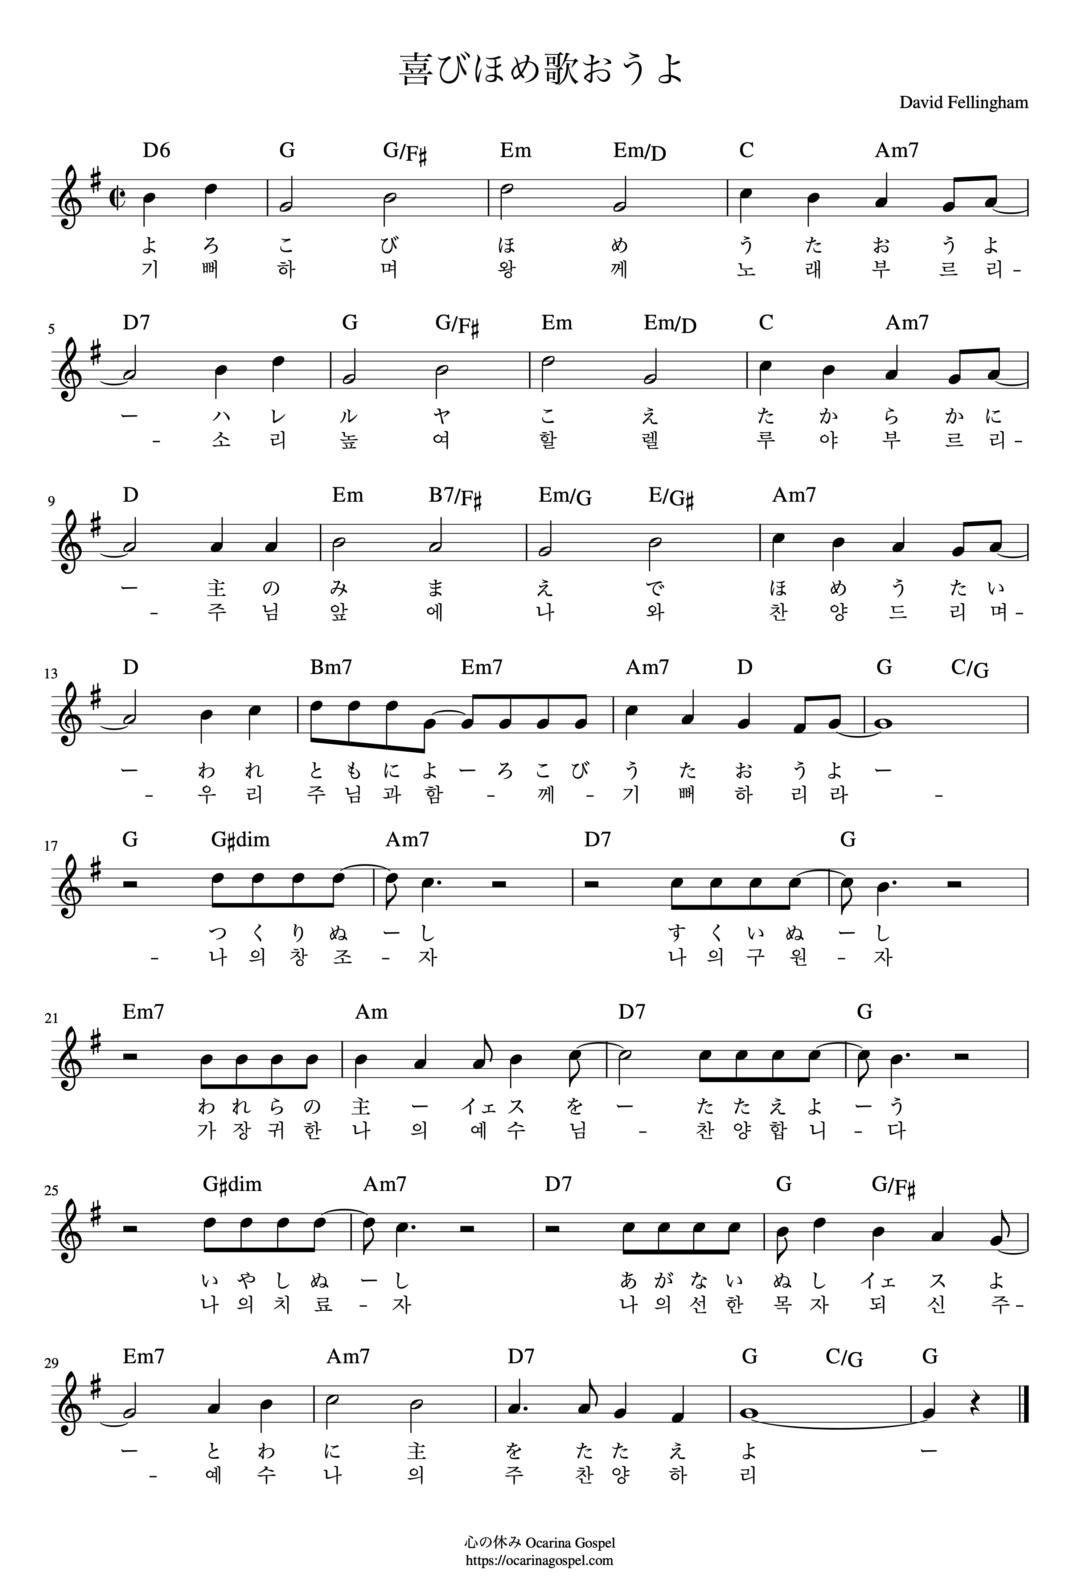 喜びほめ歌おうよ 楽譜 韓国語